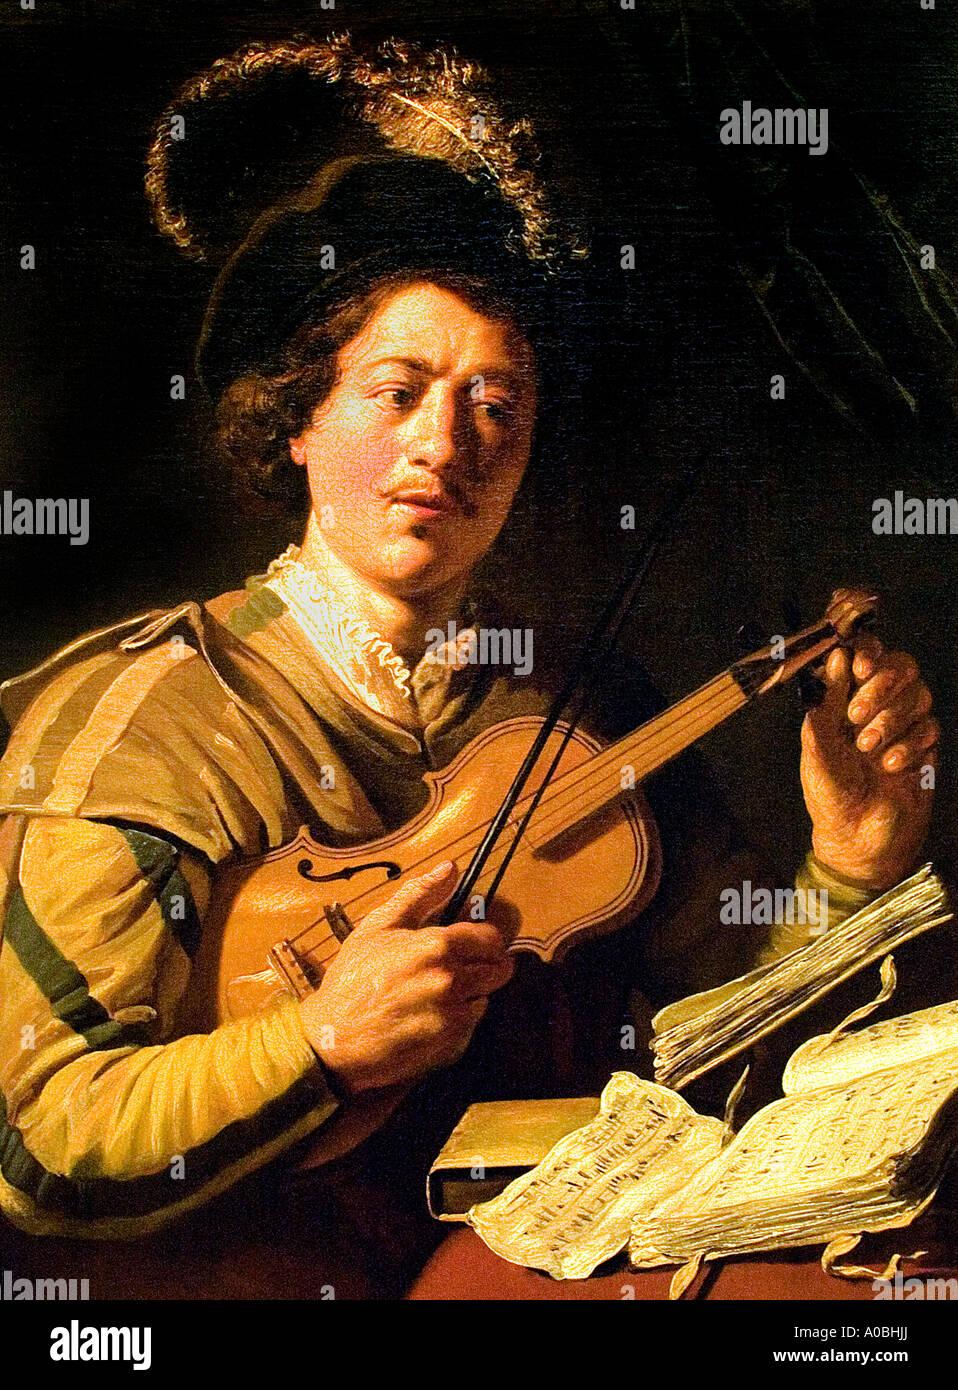 Laute Gitarrenmusik Gitarrist Leiden Museum Gemälde Stockbild